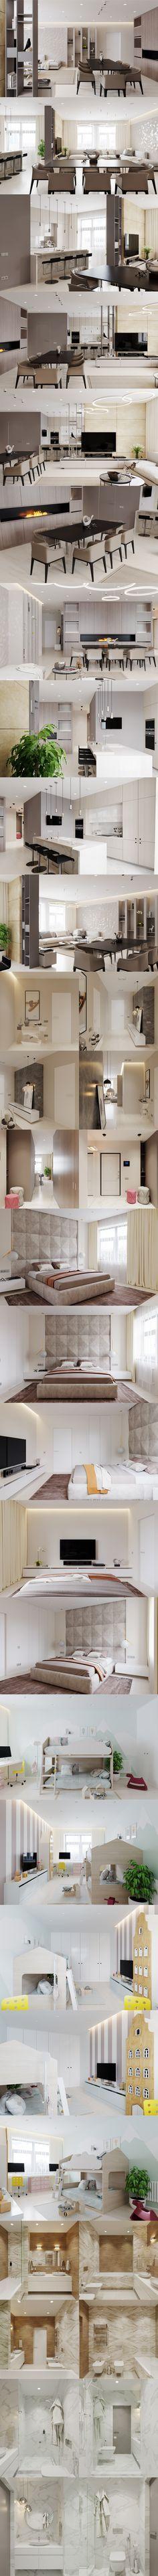 Квартира под сдачу - Галерея 3ddd.ru